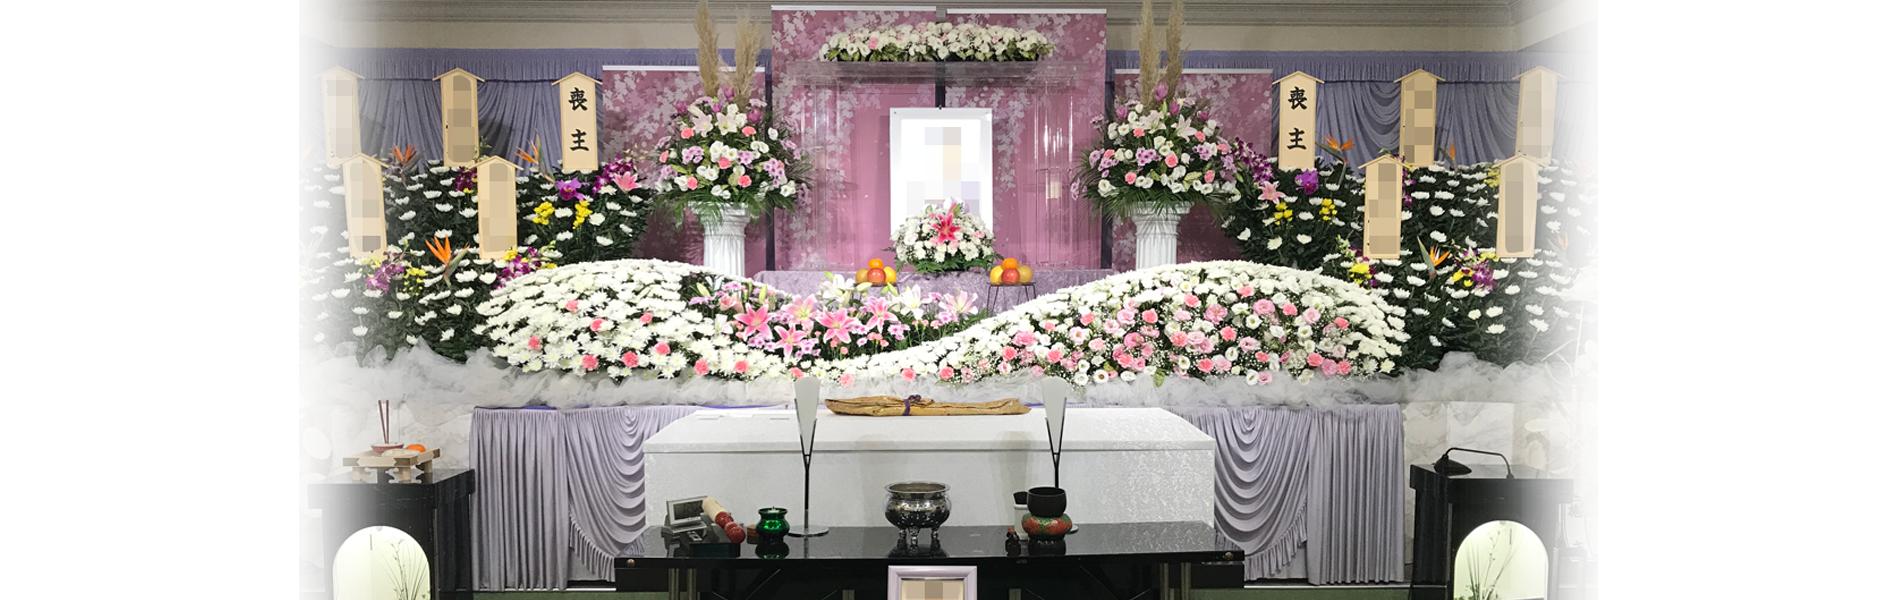 埼玉県北東部(久喜市・加須市・白岡市・蓮田市・幸手市・宮代町・杉戸町など)での葬儀・葬祭はお任せください。